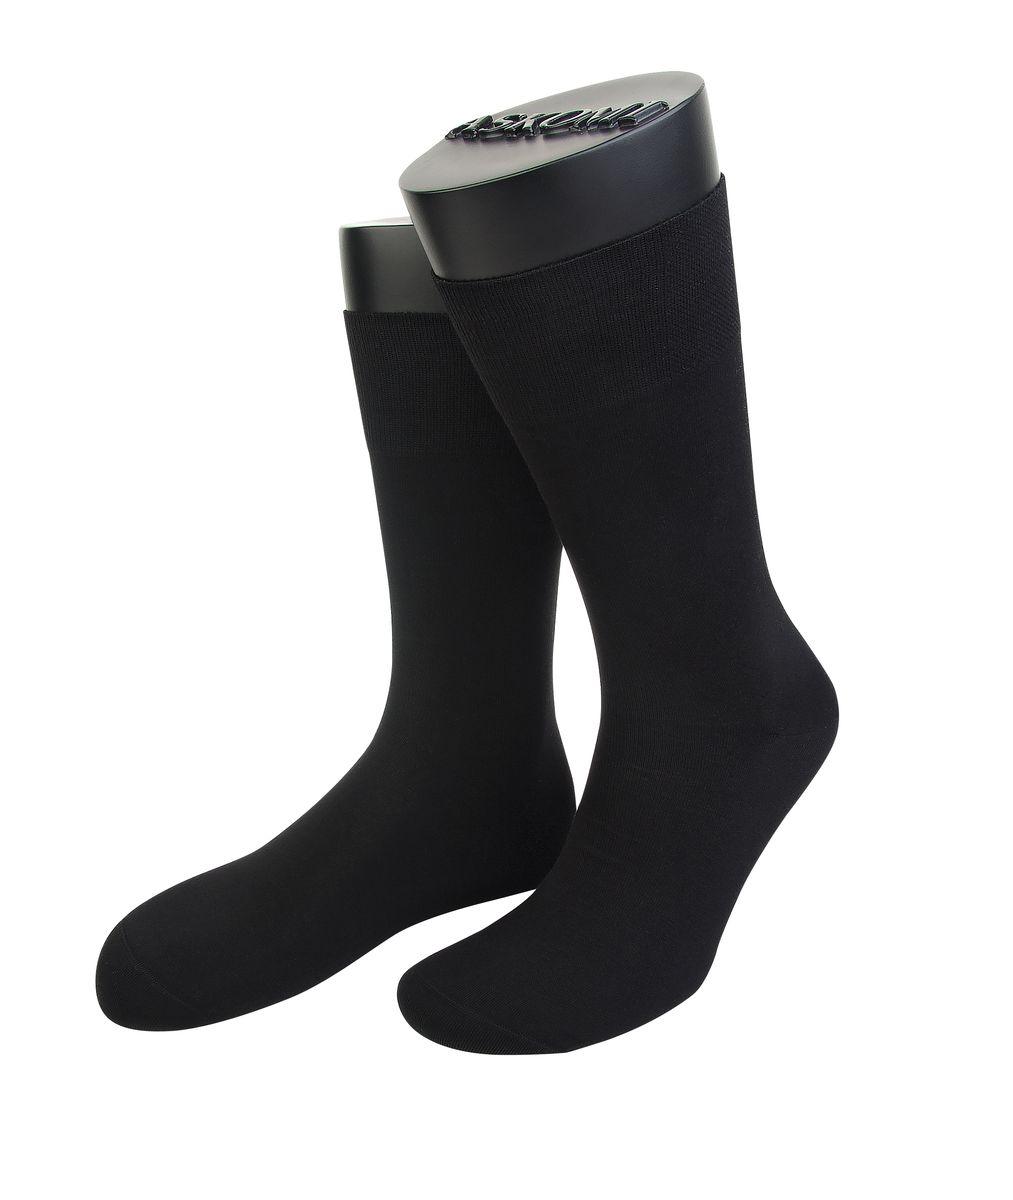 АМ-7900_8101Мужские носки Askomi Classic для повседневной носки выполнены из хлопка Pima с добавлением полиамида. Хлопок Pima (перуанский) выращен в специальных климатических условиях. Его отличает длинное тонкое волокно, он характеризуется высокой прочностью и шелковистью на ощупь. Носок и пятка укреплены, что значительно увеличивает износостойкость носков. Двойной борт для плотной фиксации не пережимает сосуды. Кеттельный шов не ощутим для ноги.